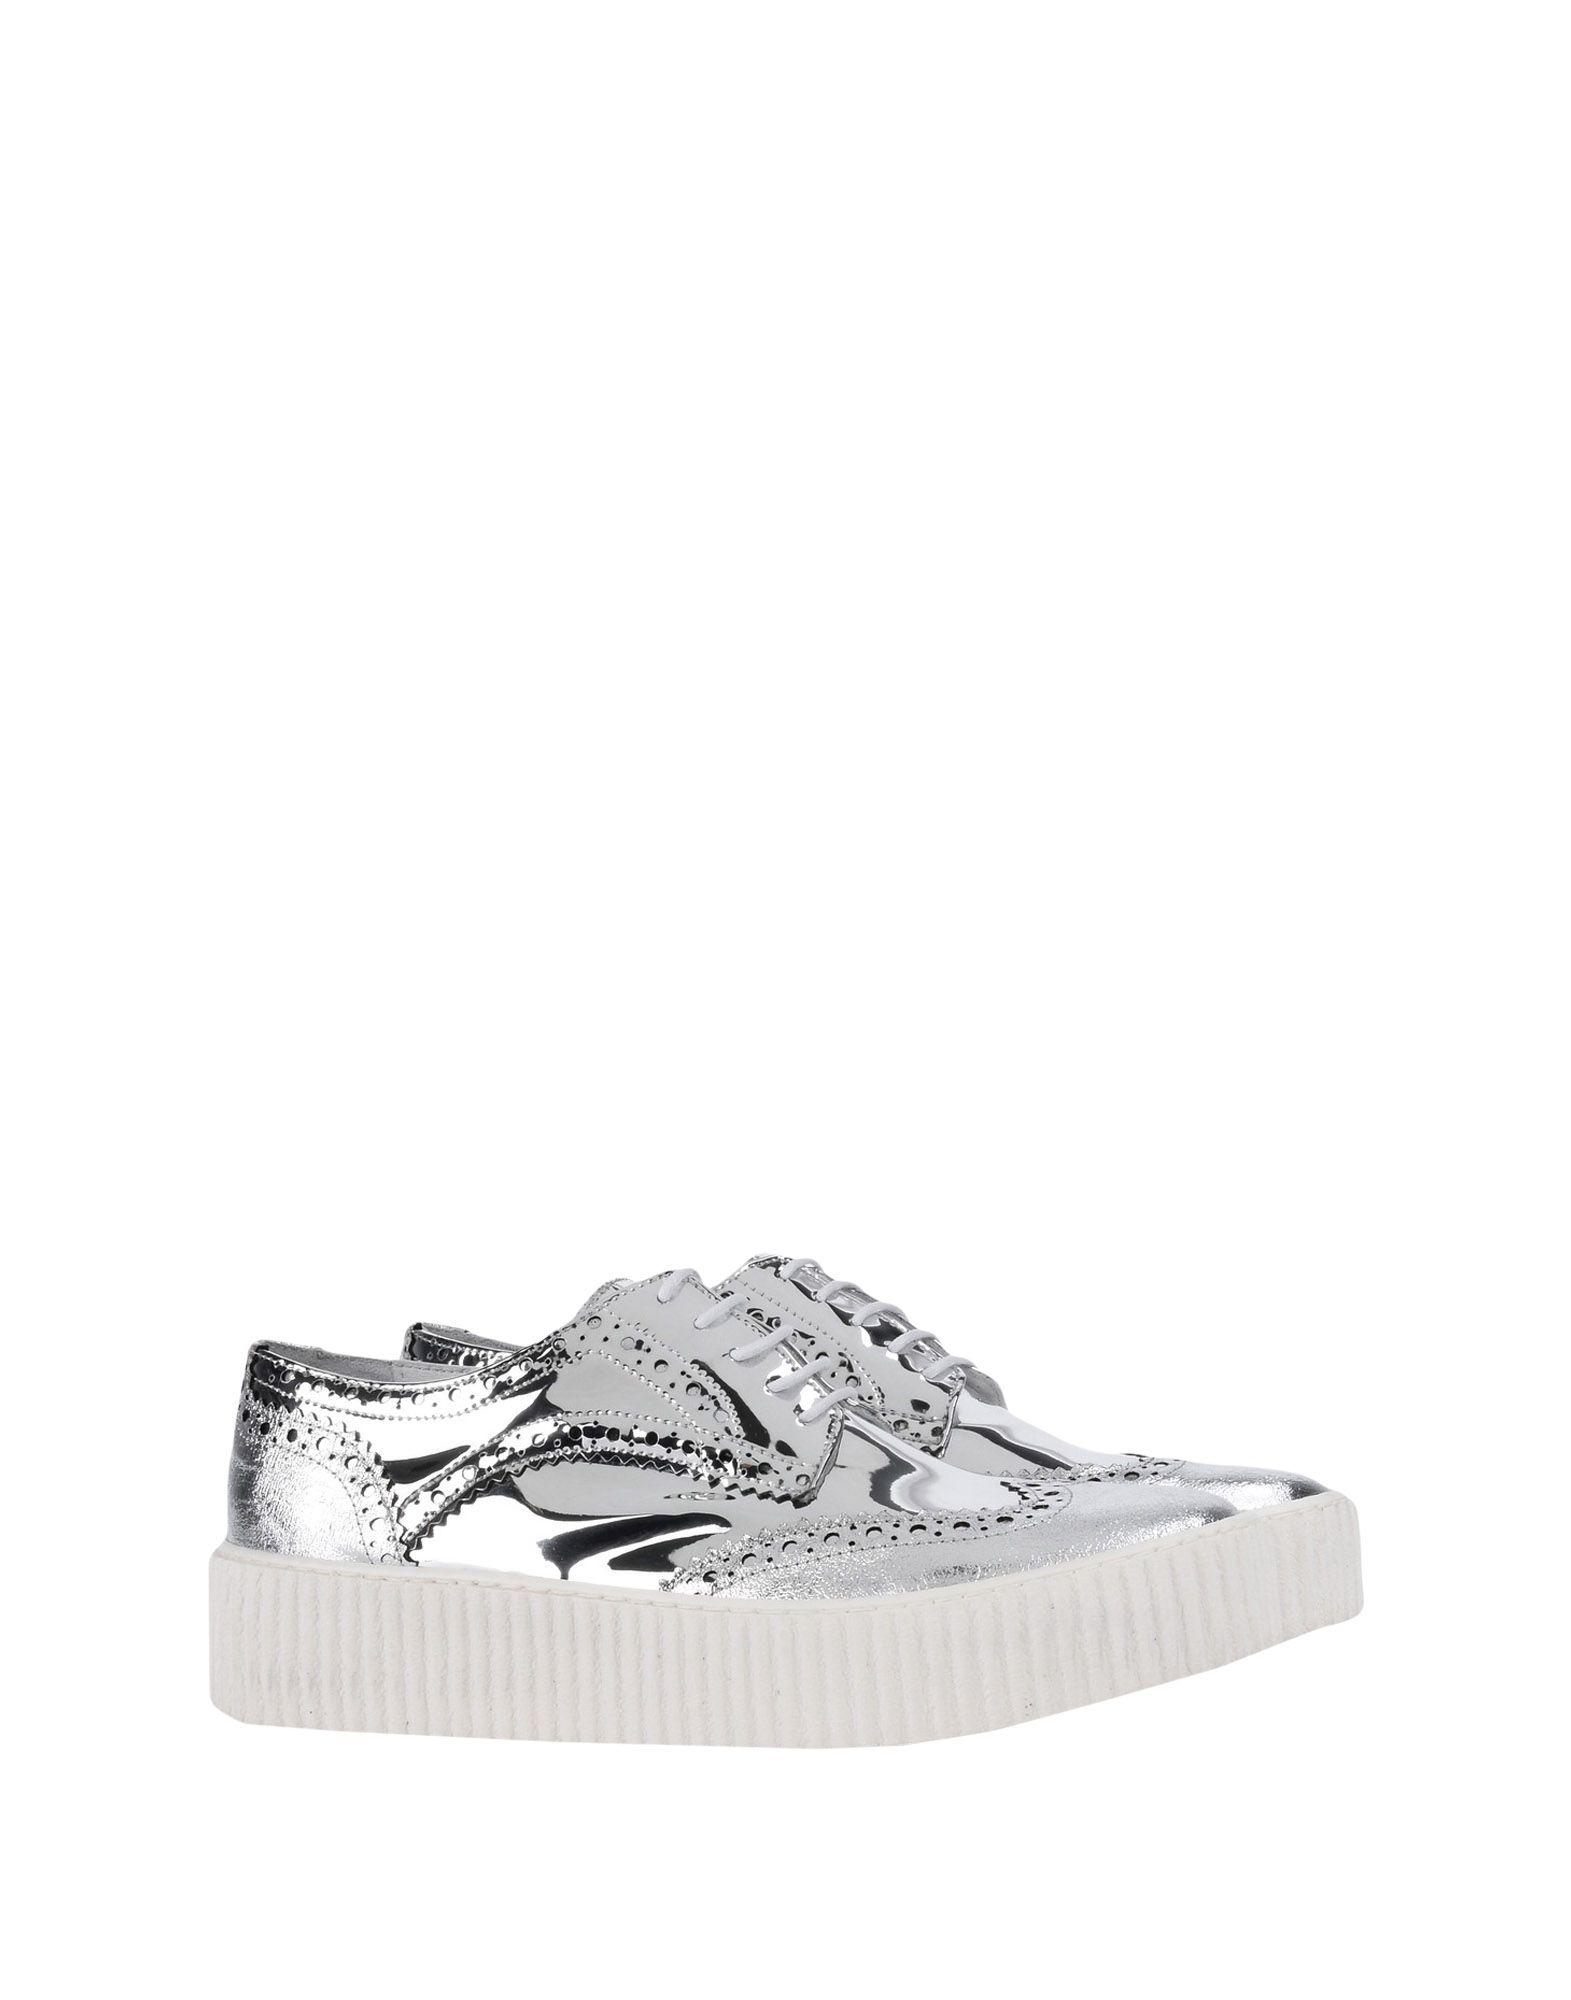 Chaussures - Tribunaux De Plate-forme Bibi Lou cvwpbsV